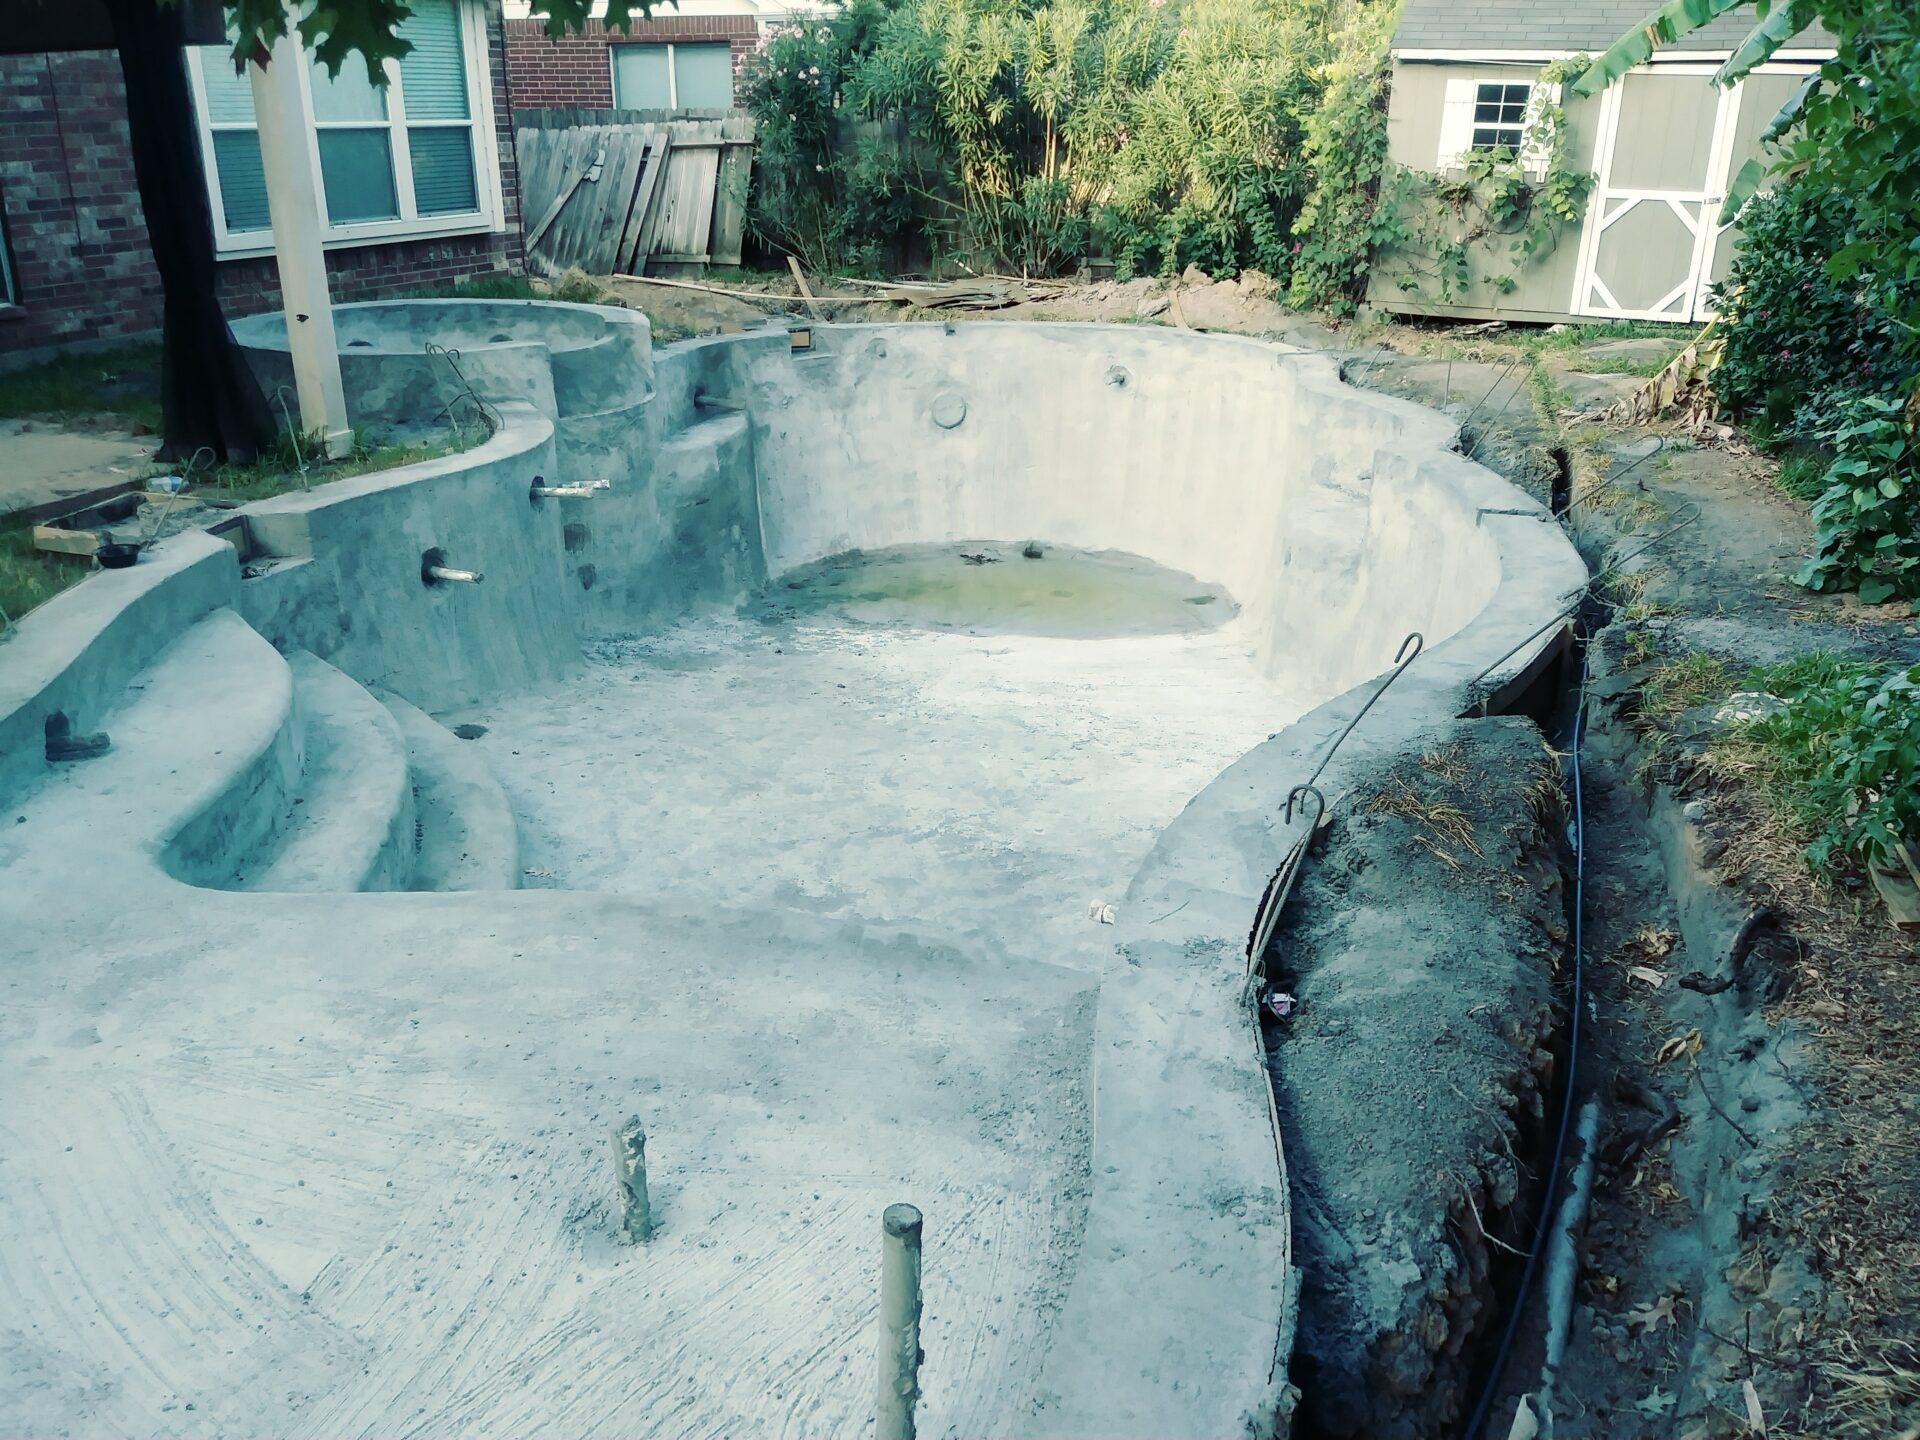 Pool Remodel - Fairfield - Before Image006